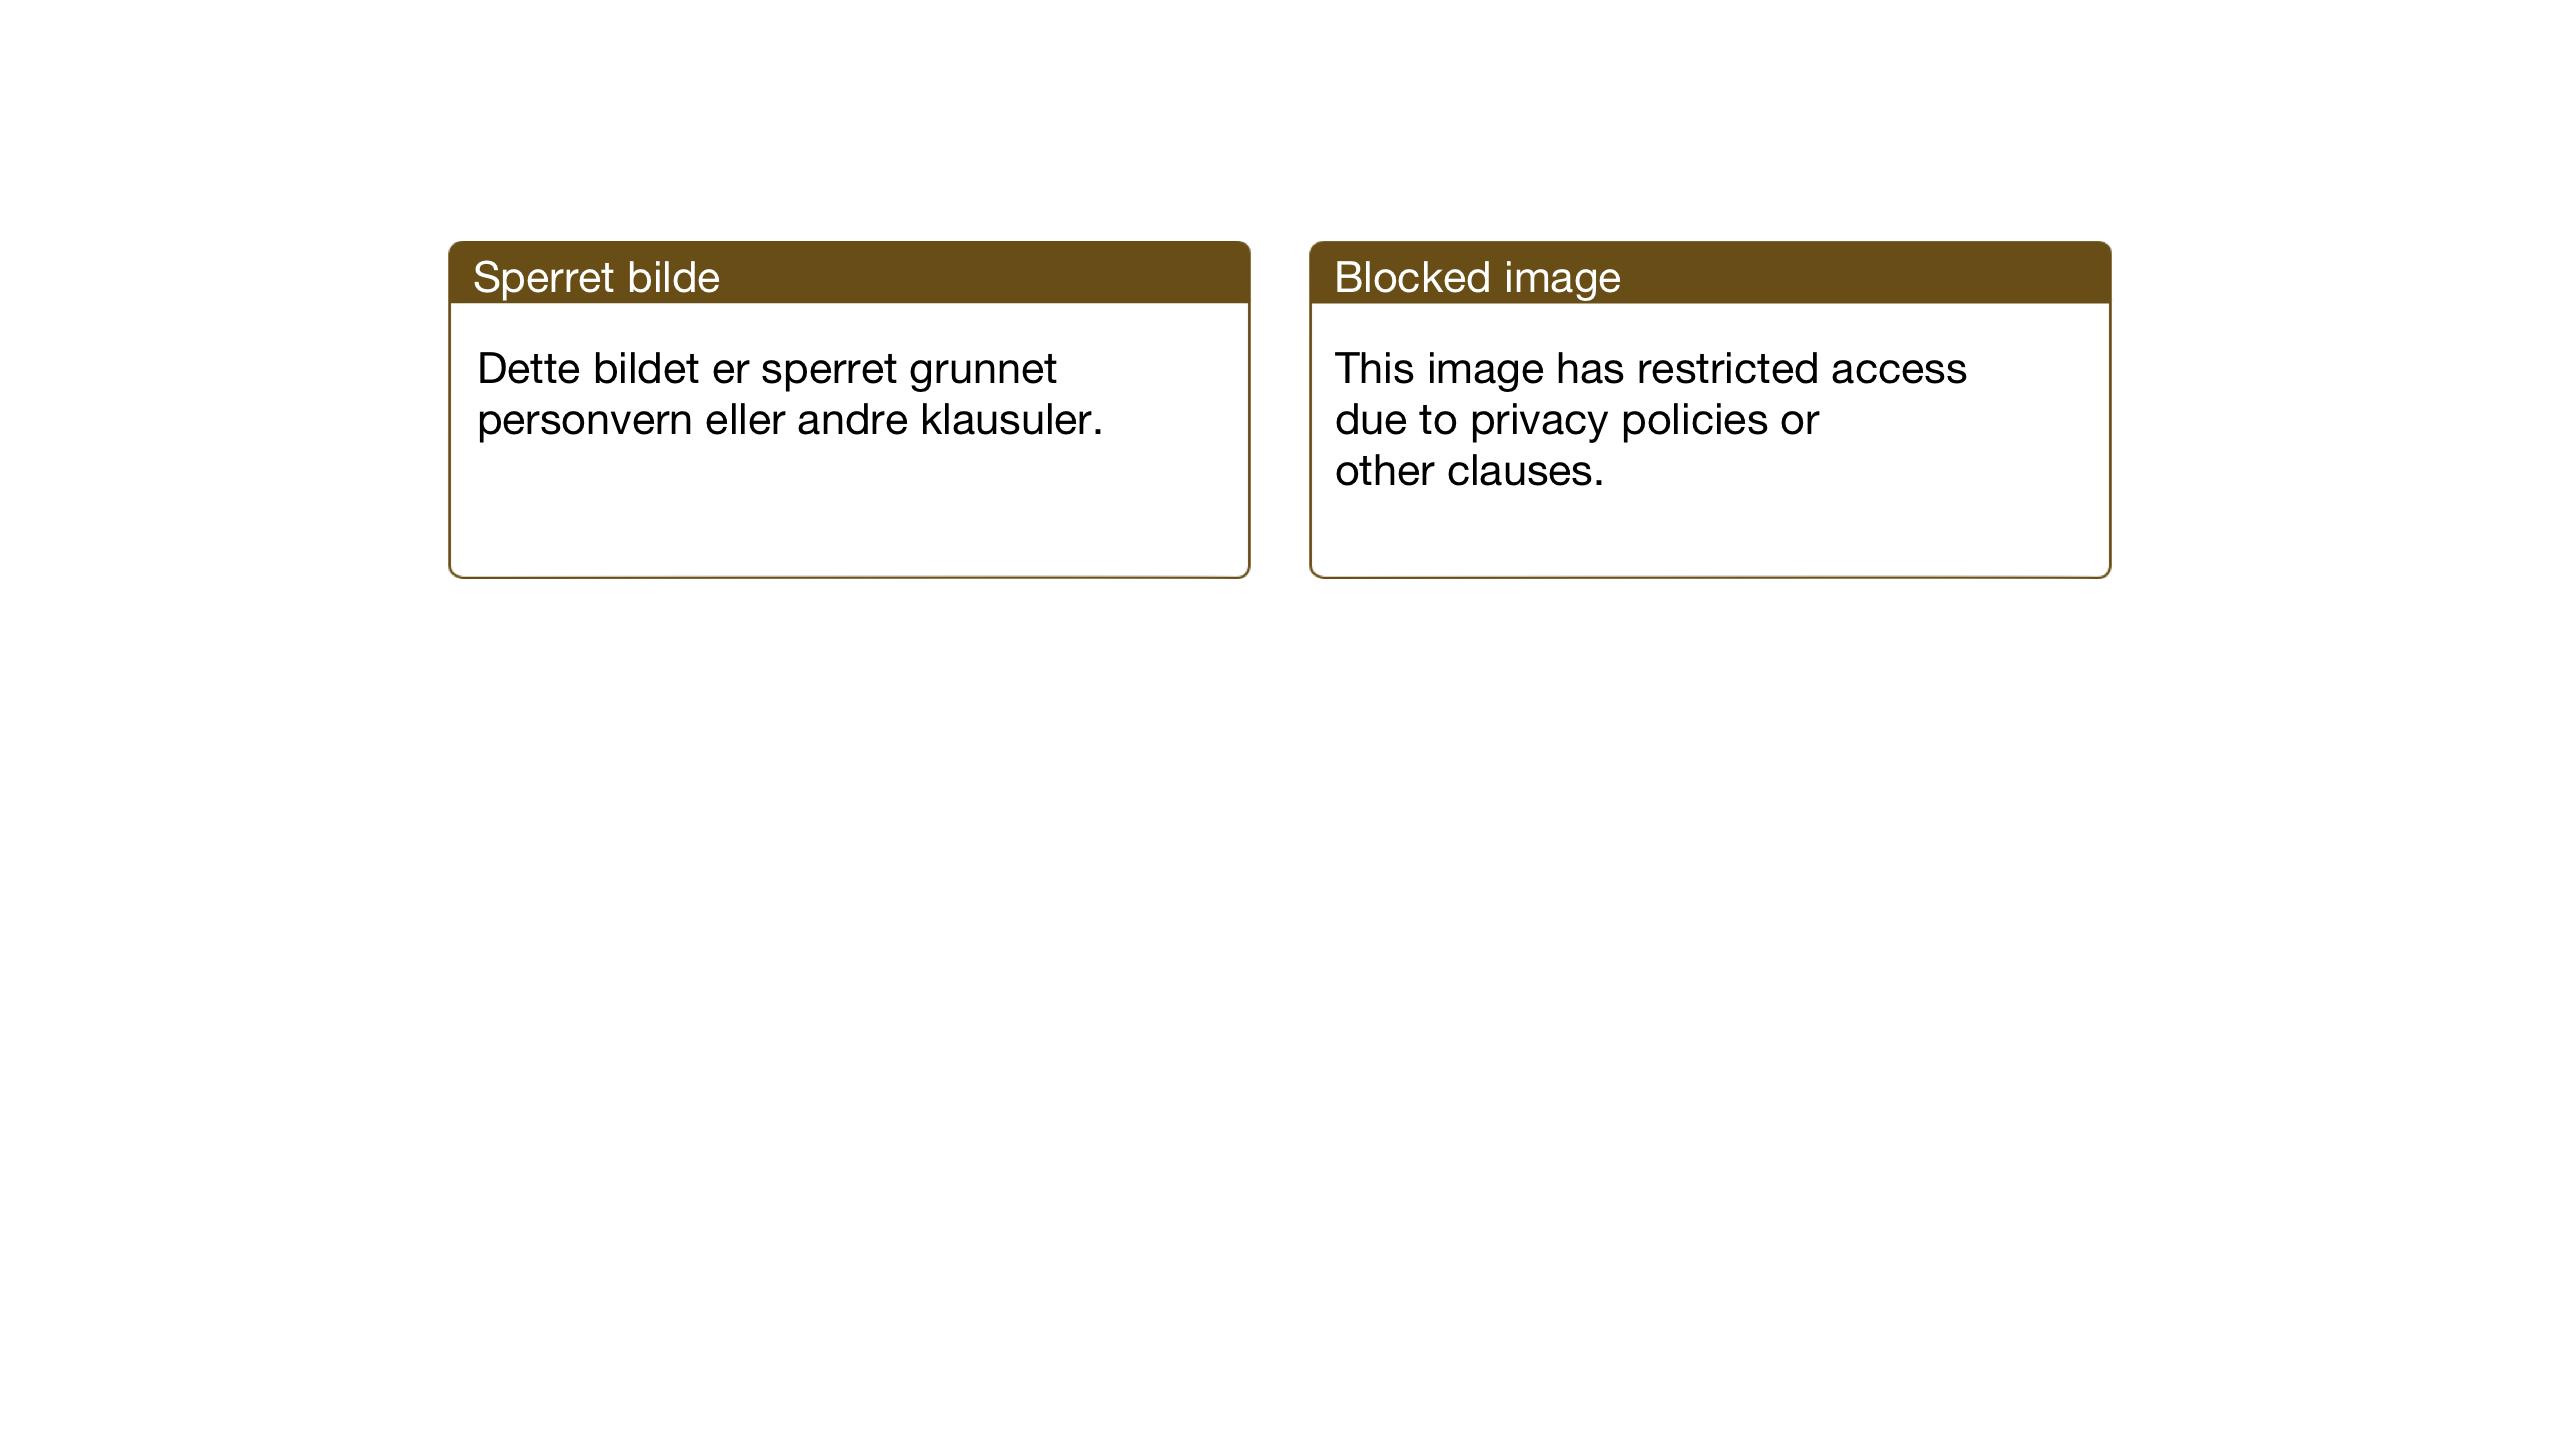 SAT, Ministerialprotokoller, klokkerbøker og fødselsregistre - Nord-Trøndelag, 713/L0125: Klokkerbok nr. 713C02, 1931-1941, s. 43